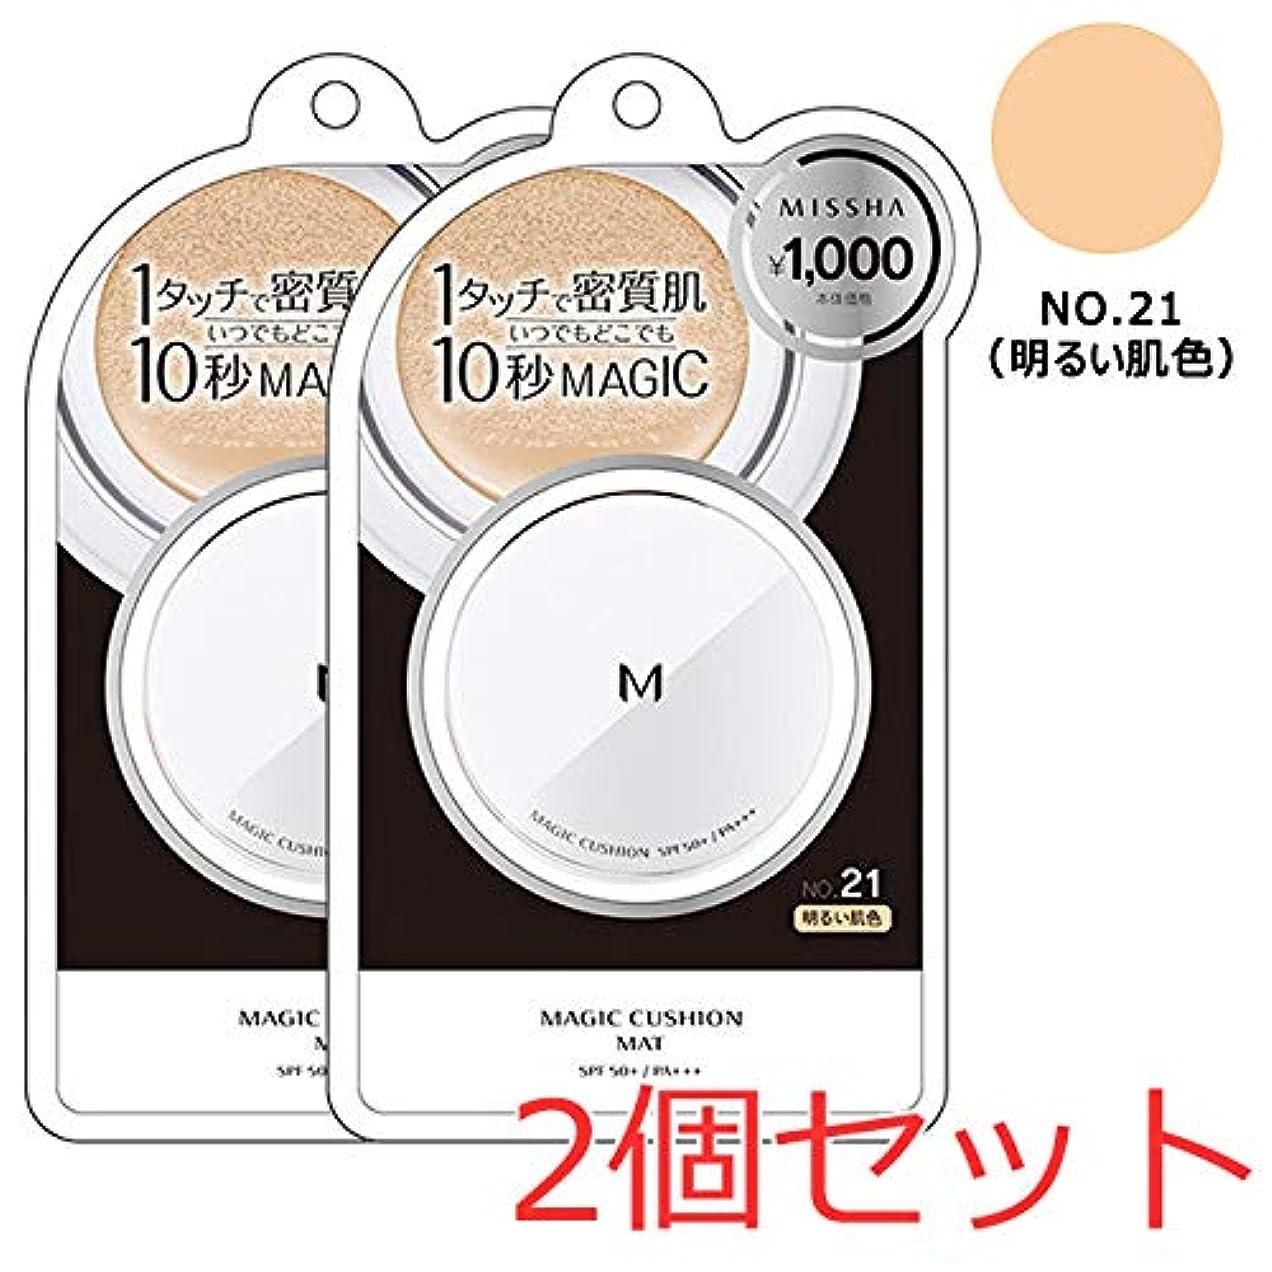 ランタン乱れ間に合わせミシャ M クッション ファンデーション (マット) No.21 明るい肌色 2個セット